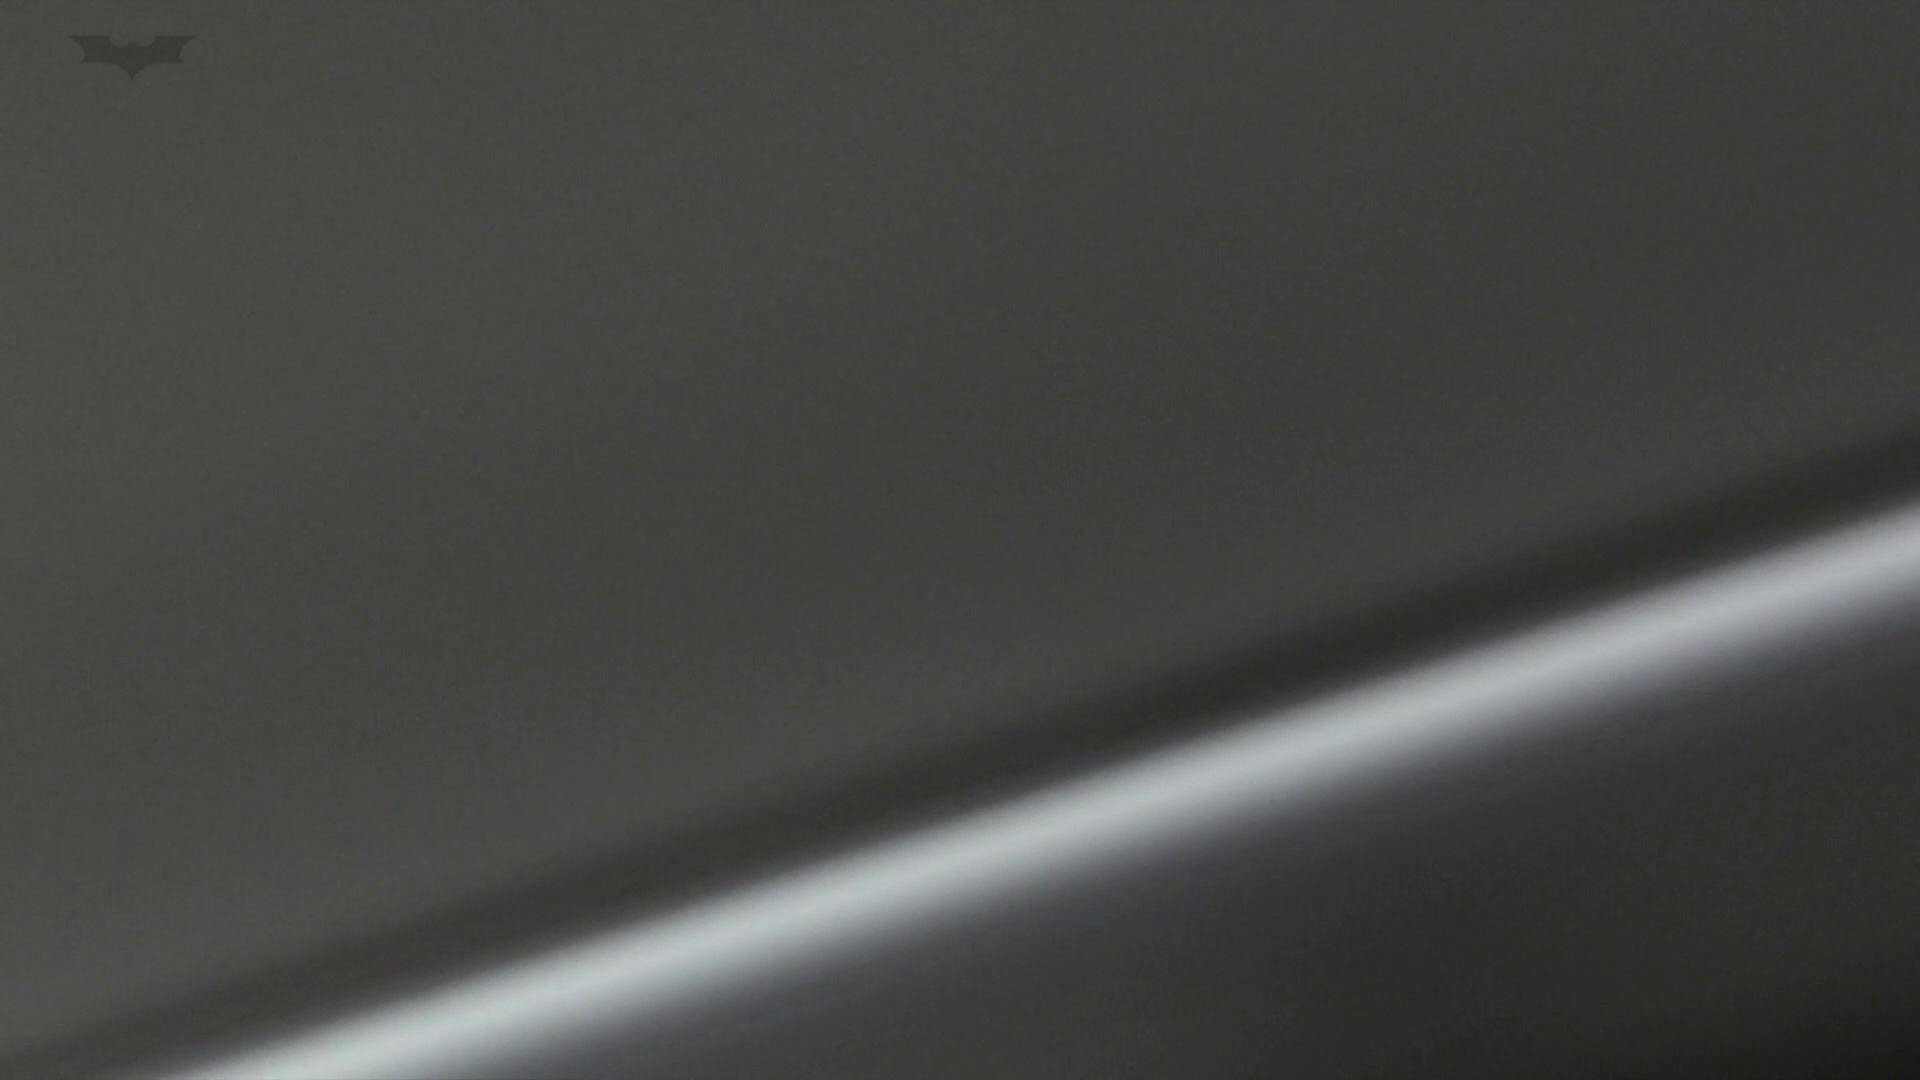 美しい日本の未来 No.11 進歩!【2015・03位】 ギャル盗撮映像 ワレメ動画紹介 103PIX 86